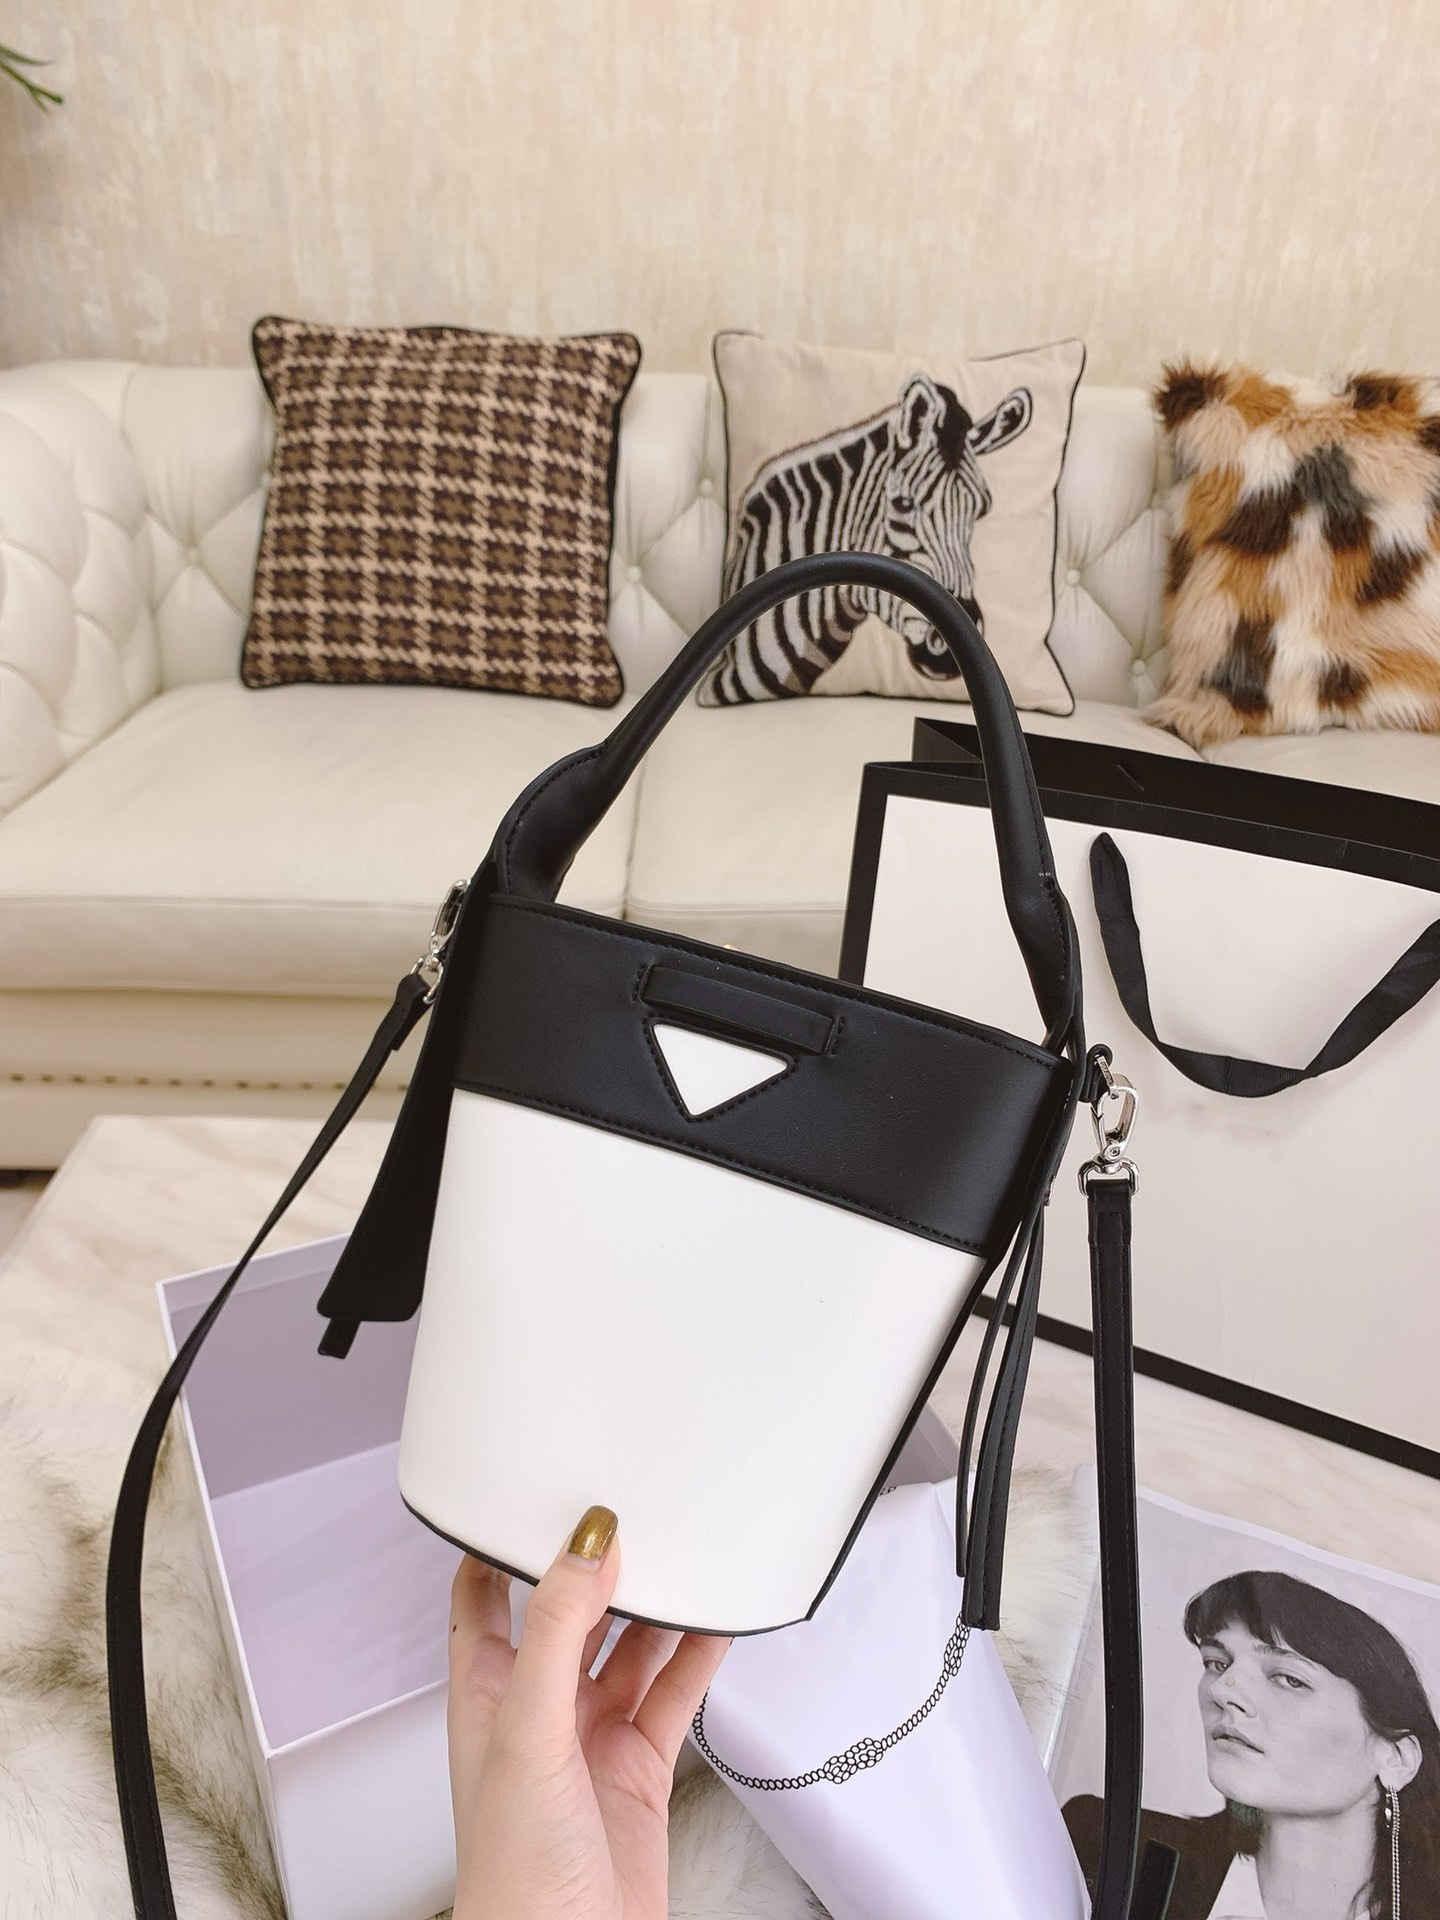 Para 19 cm Diseñador Bolsos de Mujeres Diseñador Cadena Bolsos de Cuero de Lujo Bolsa de Hombro Crossbody and Wallets Bags Womens IBQVH